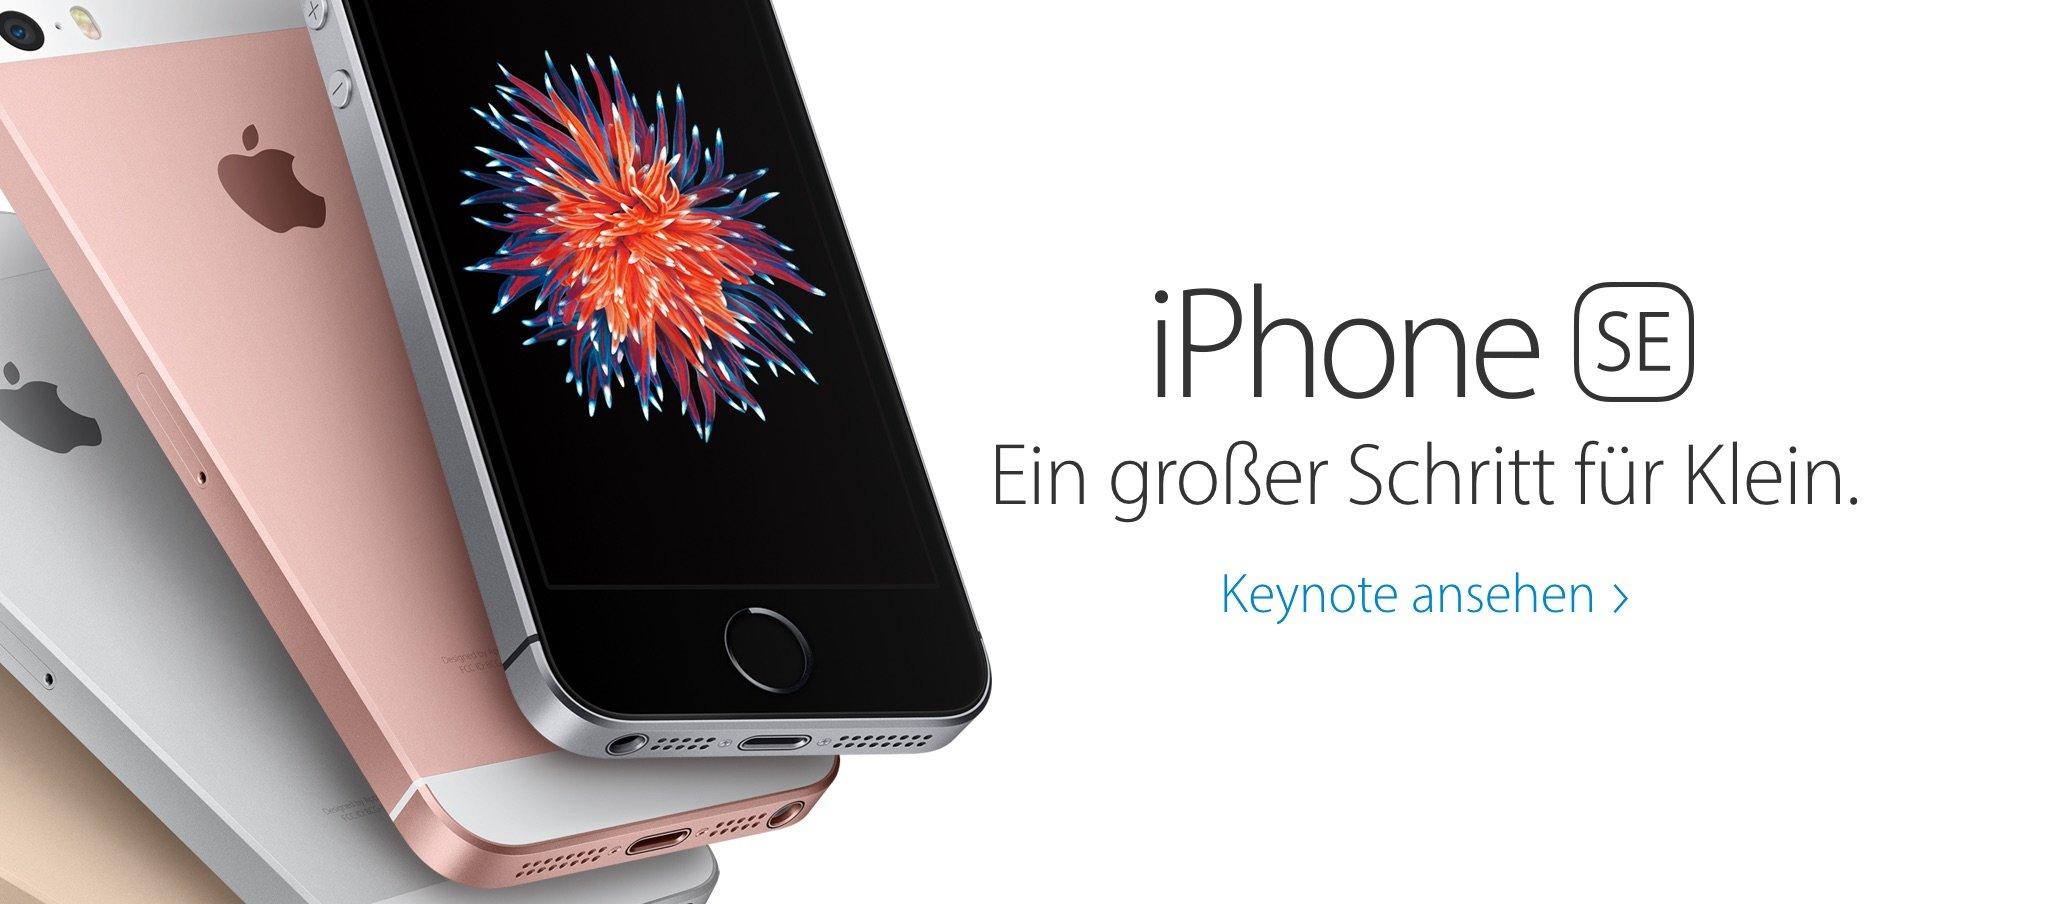 Euro Preise Deutschland für iPhone SE, iPad Pro, Apple Watch 6